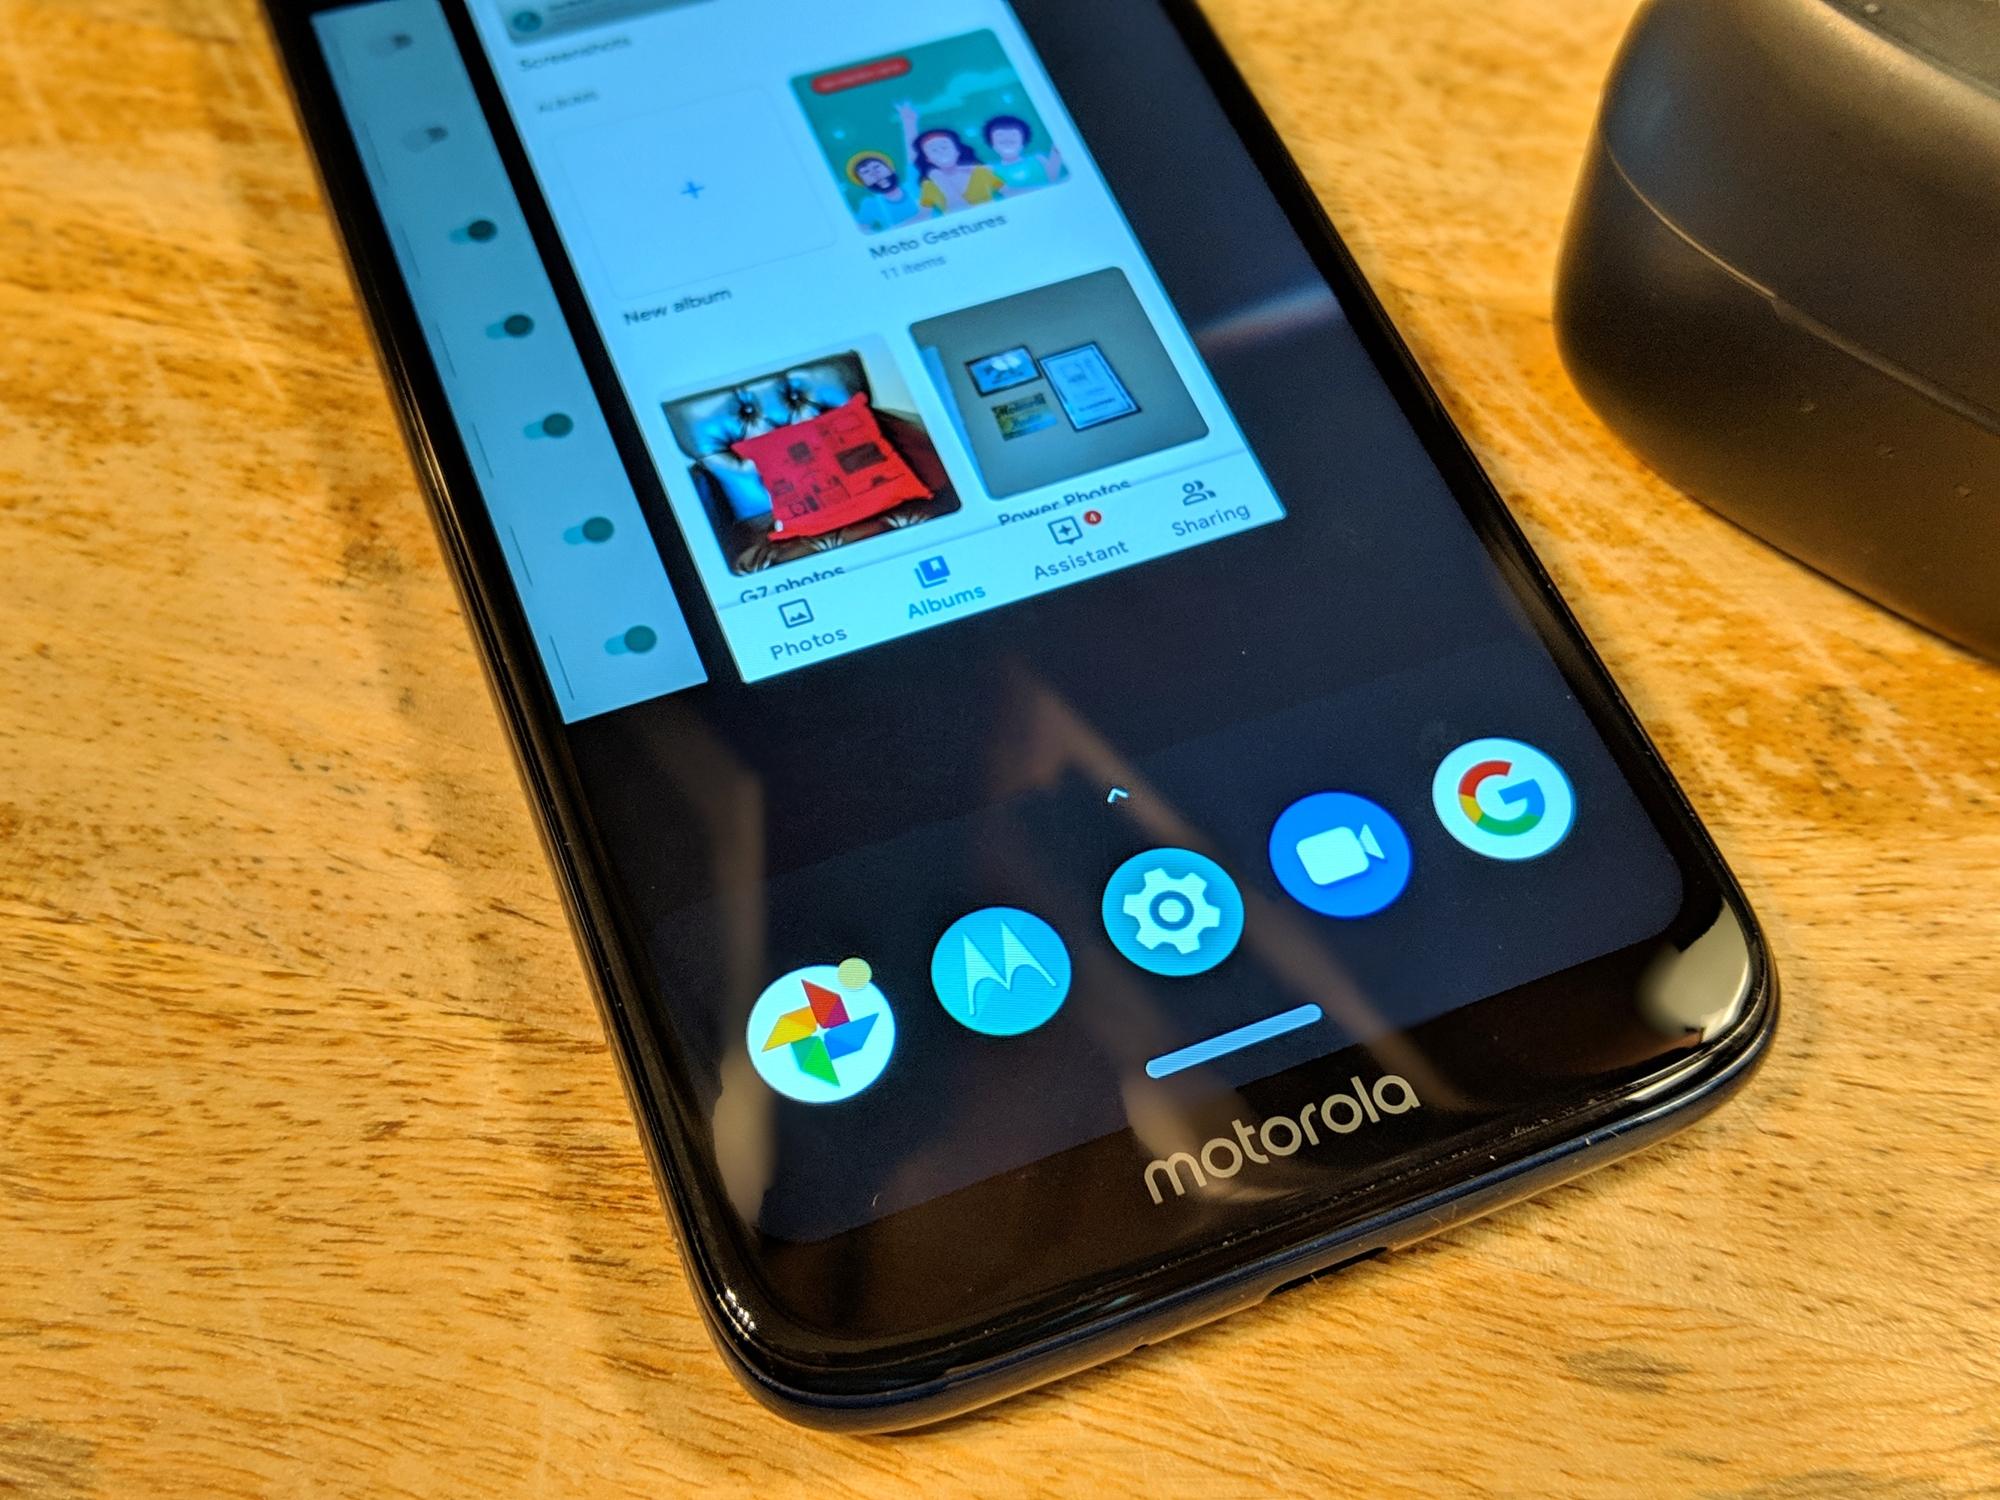 Motorola's gesture navigation is fantastic